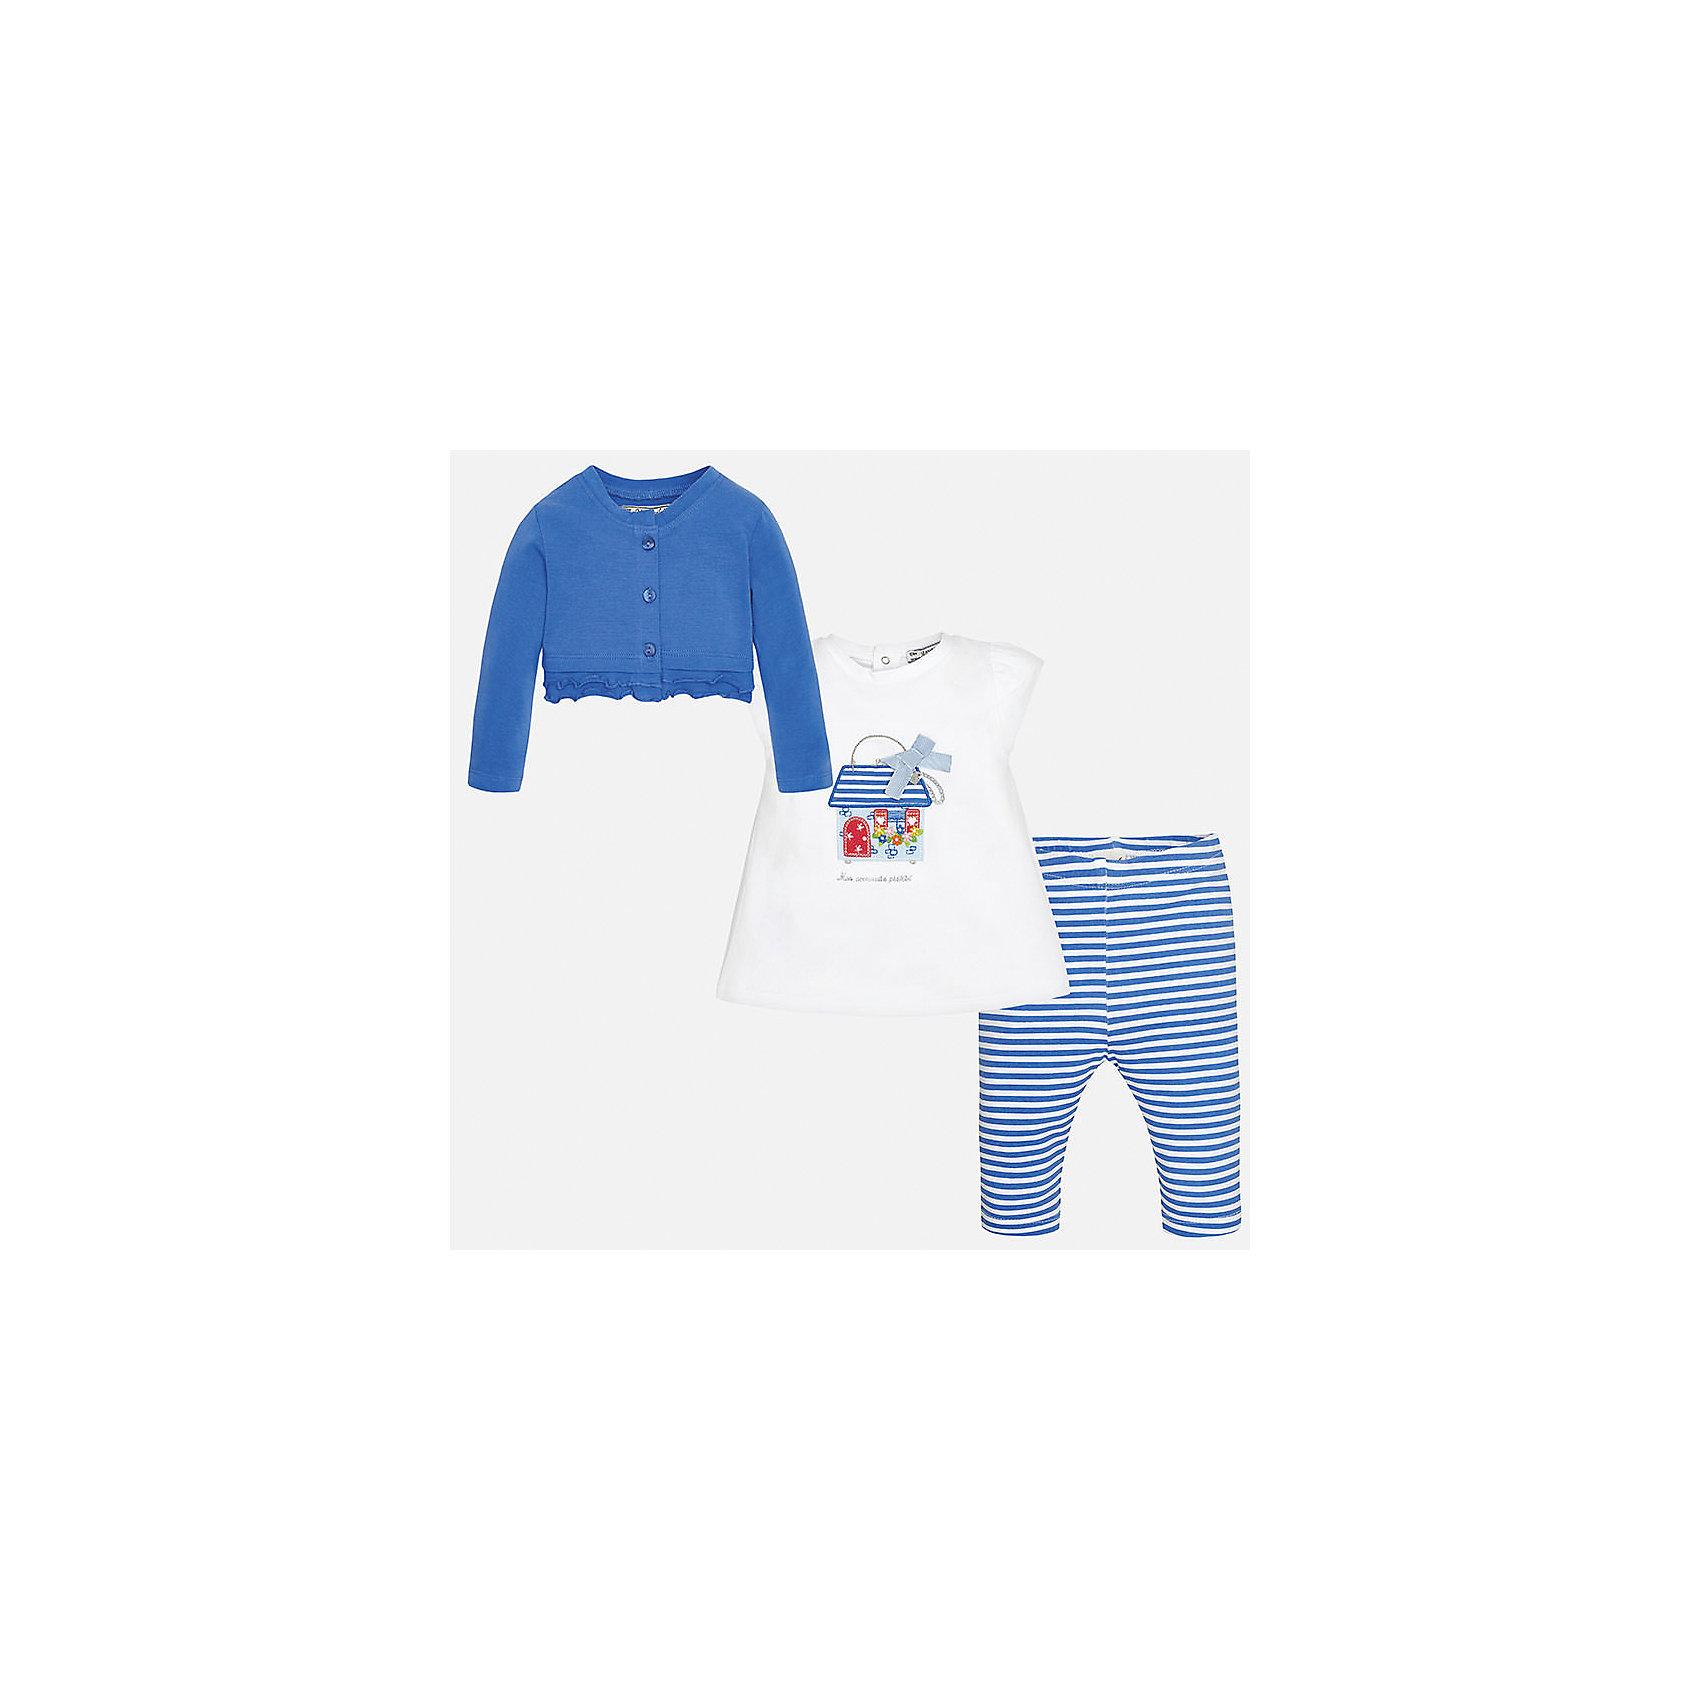 Комплект: футбола с длинным рукавом и леггинсы для девочки MayoralКомплекты<br>Комплект: футбола с длинным рукавом и леггинсы для девочки от известной испанской марки Mayoral.<br><br>Ширина мм: 123<br>Глубина мм: 10<br>Высота мм: 149<br>Вес г: 209<br>Цвет: синий<br>Возраст от месяцев: 6<br>Возраст до месяцев: 9<br>Пол: Женский<br>Возраст: Детский<br>Размер: 74,92,80,86<br>SKU: 5289092